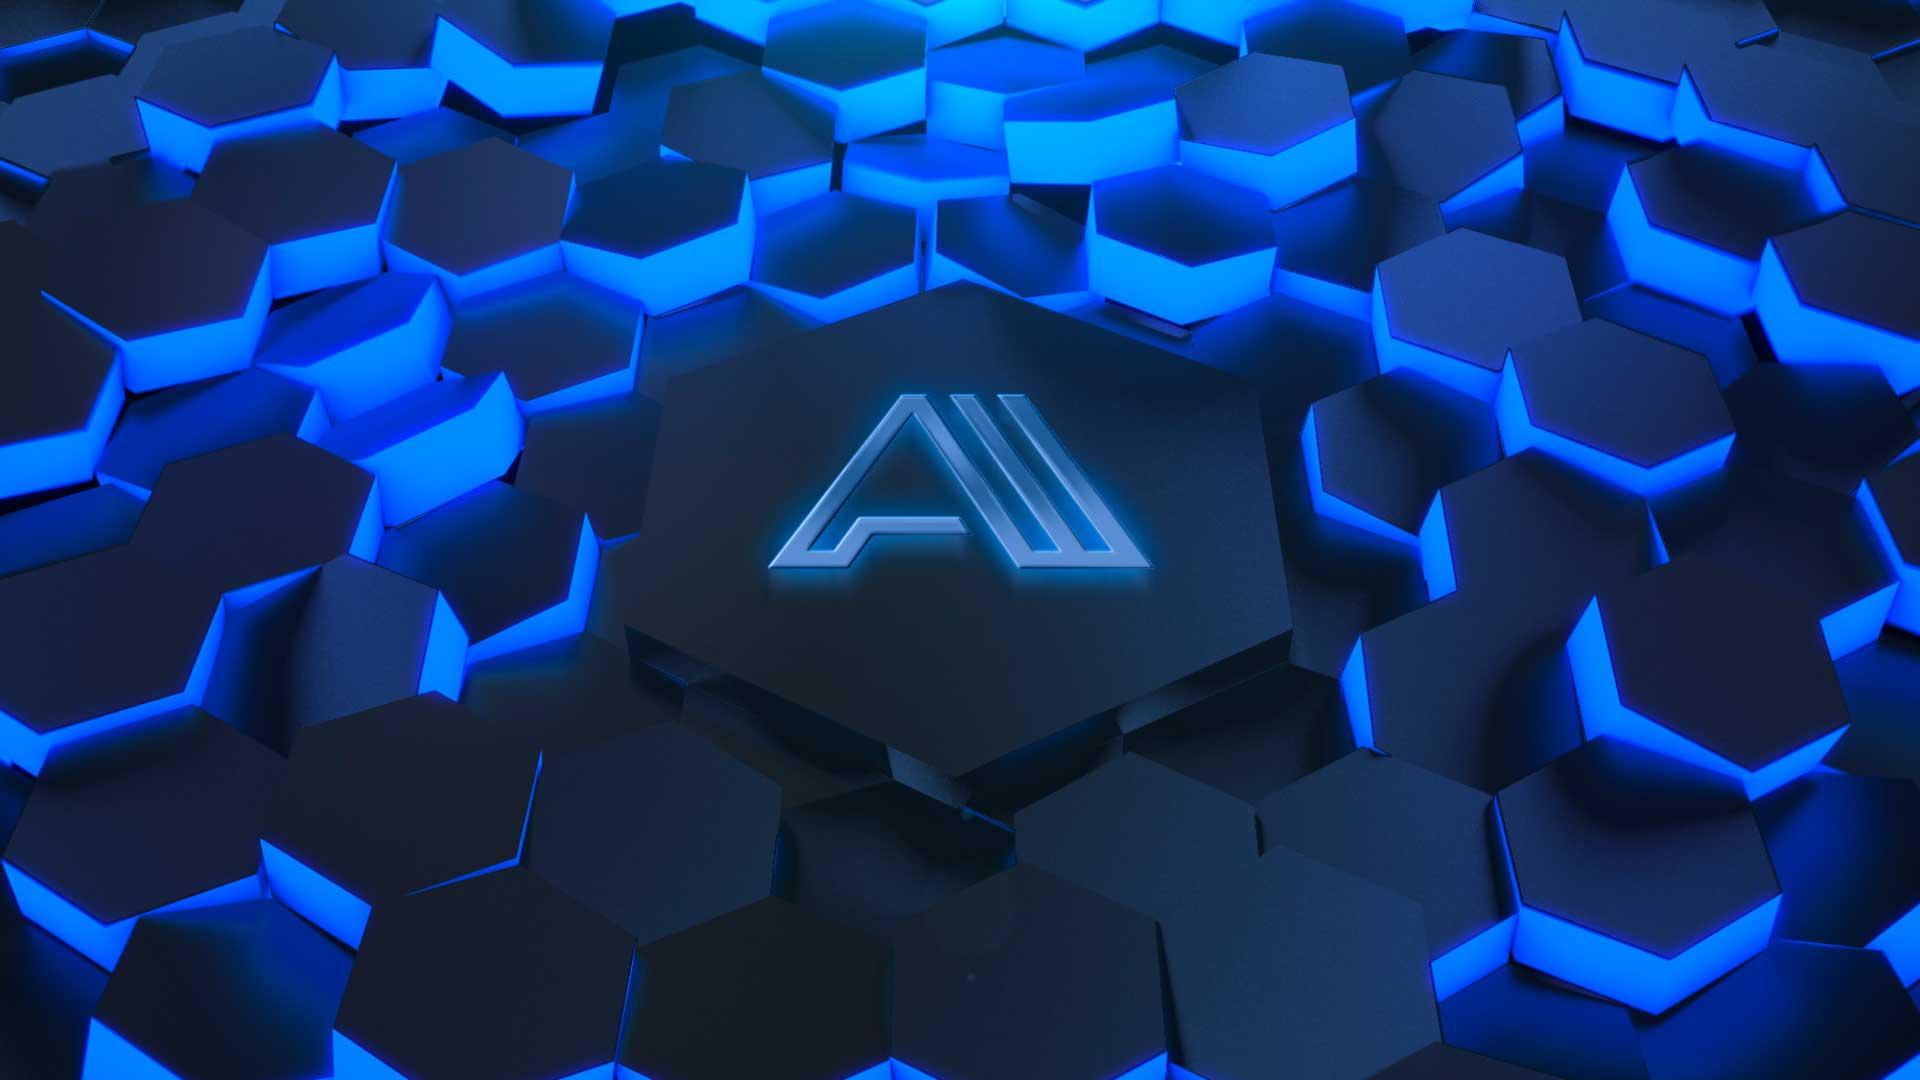 Logo-animado-Impacto-tecnológico-AL310-animacion-logotipo